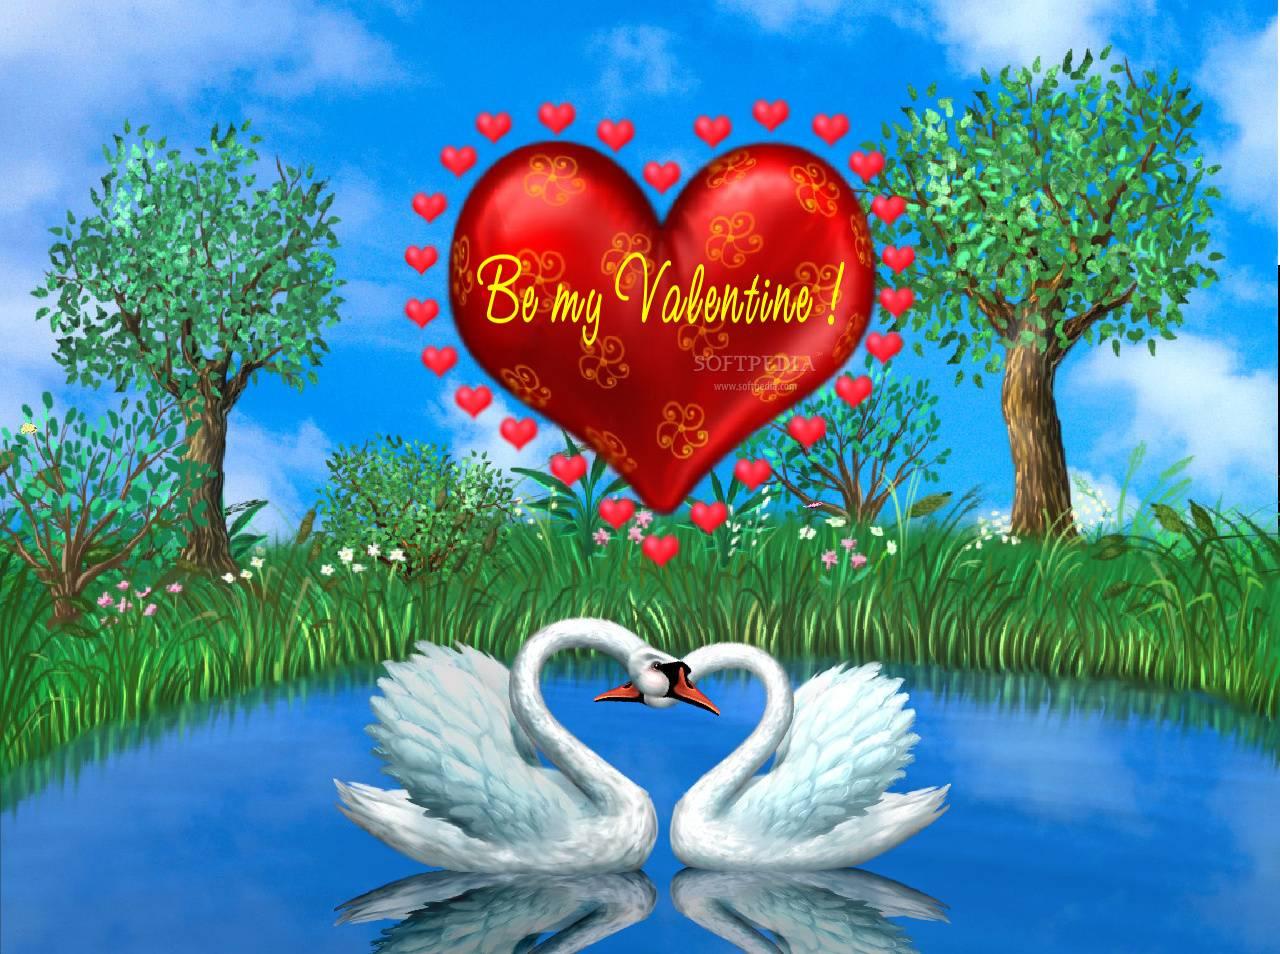 Картинки именем, картинки с лебедями с днем влюбленных